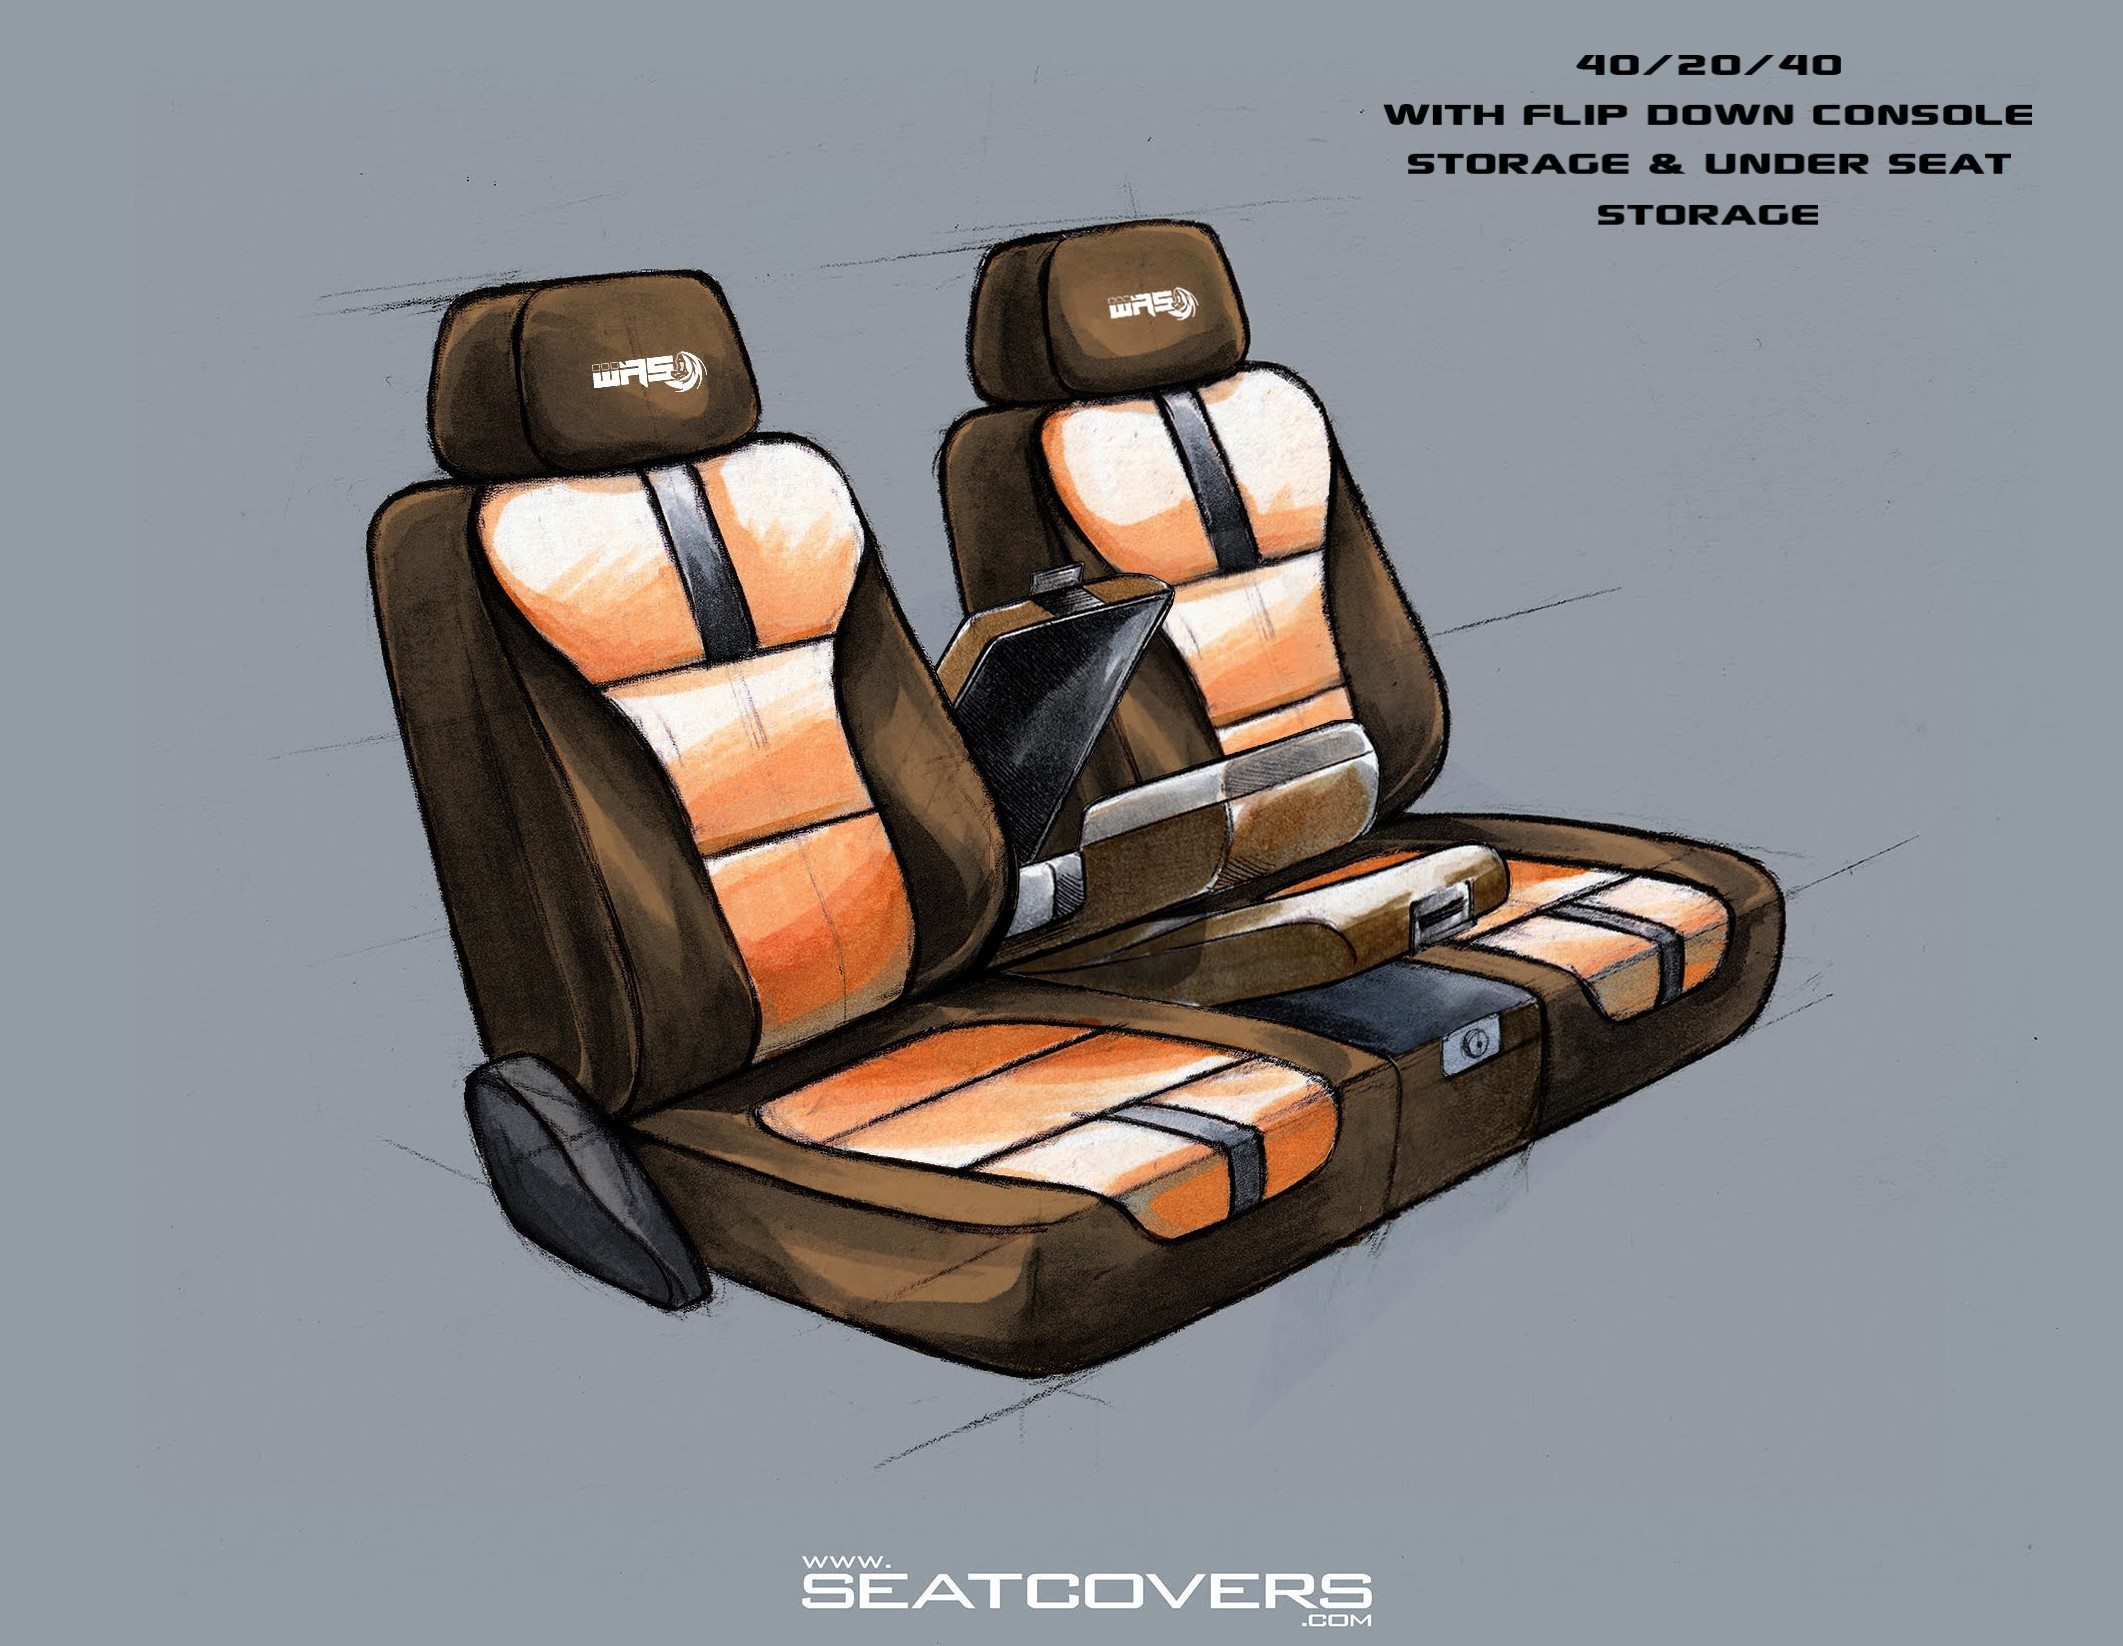 2019 SIERRA SILVERADO 1500, 2020 SIERRA SILVERADO HD – Front Seat Covers www.seatcovers